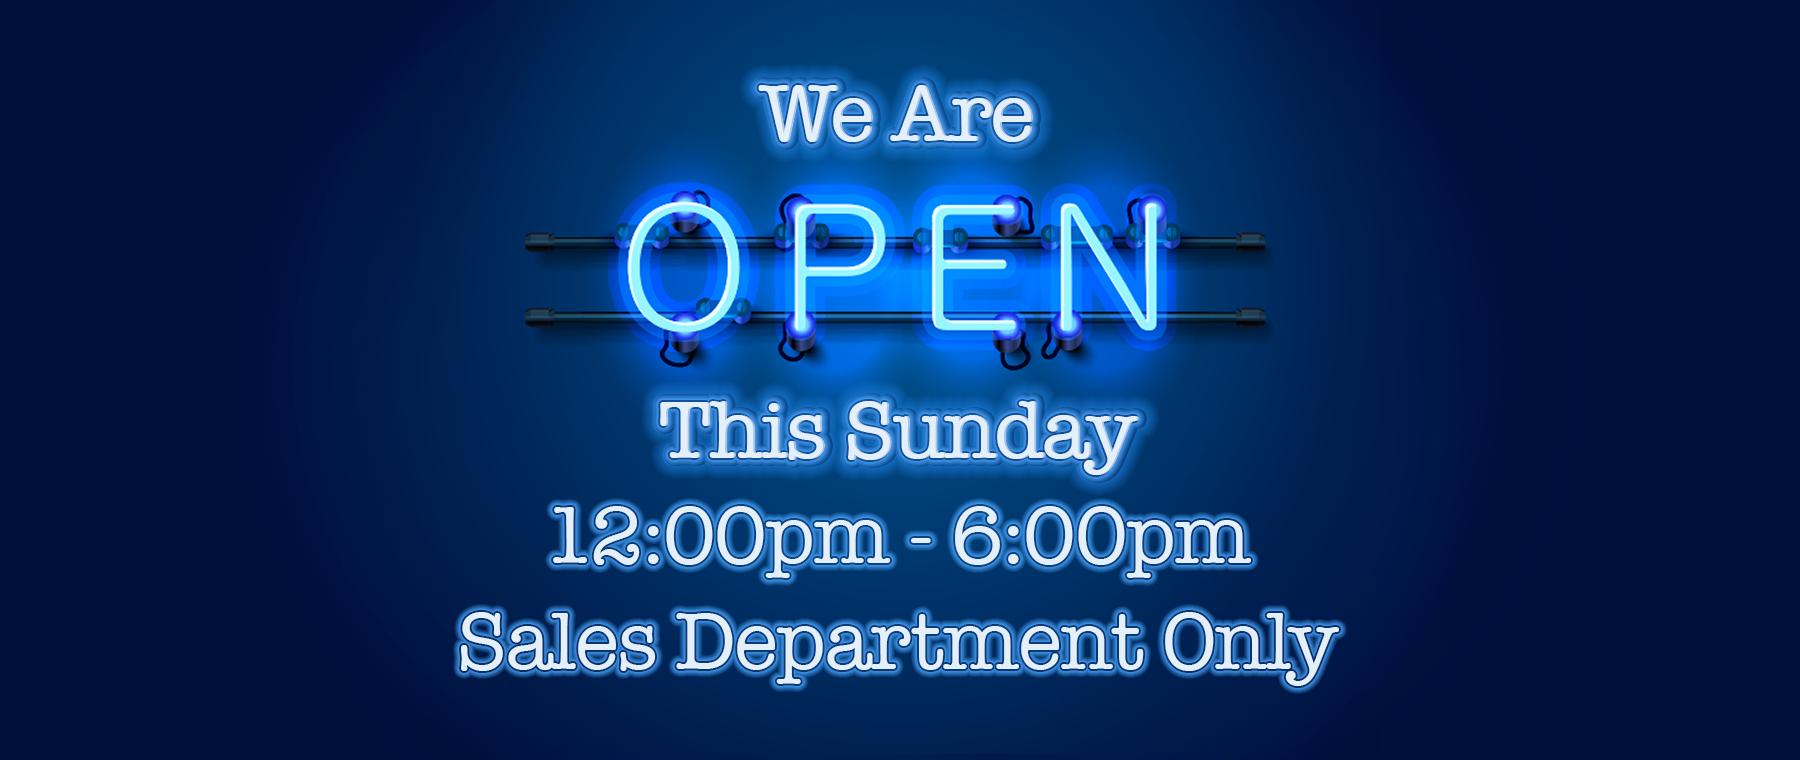 Open Sunday!